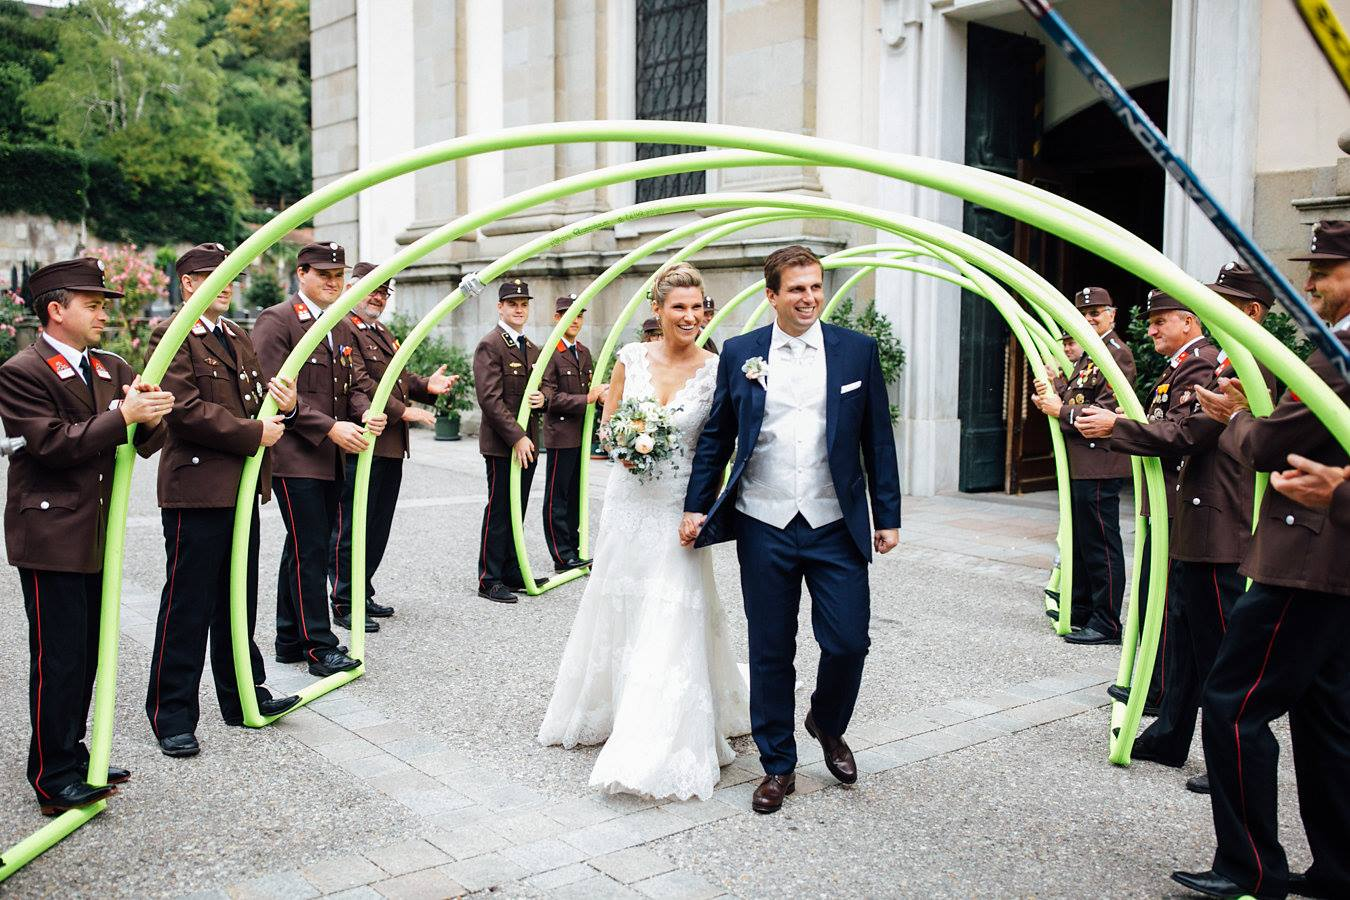 Freiwillige Feuerwehr Hart Feuerwehr Hochzeit